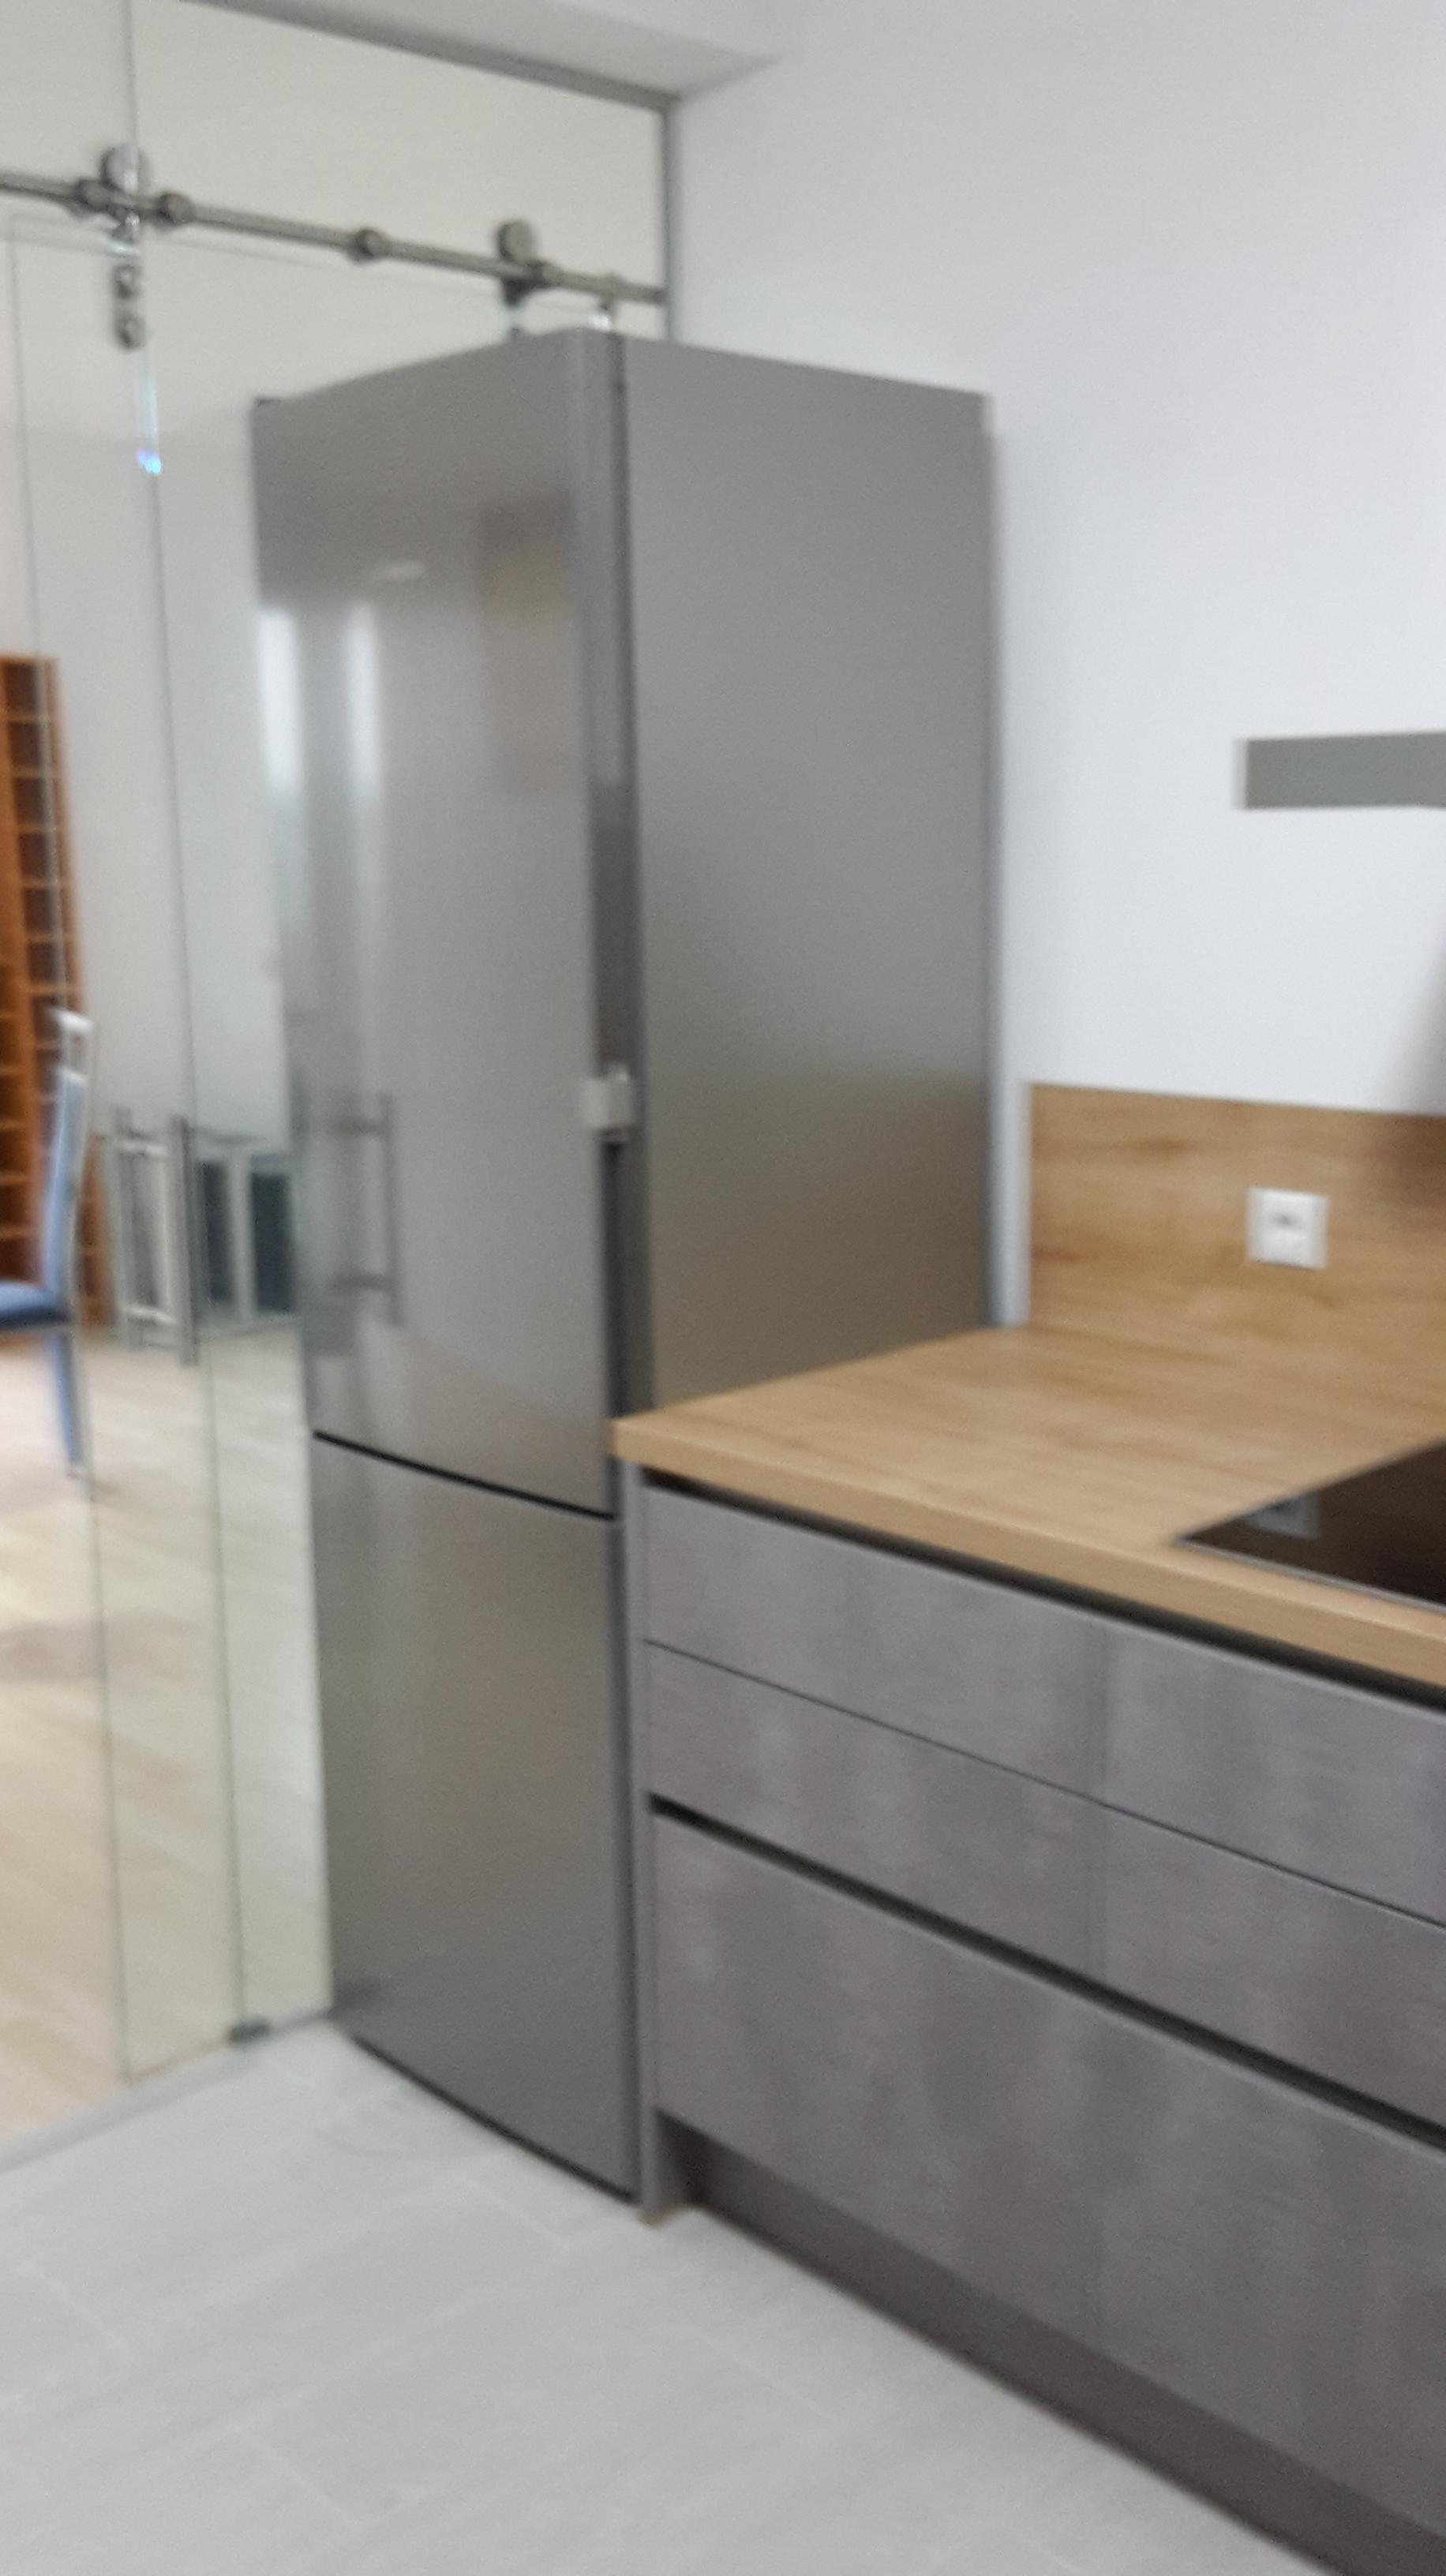 Kühlschrank Zum Einbauen